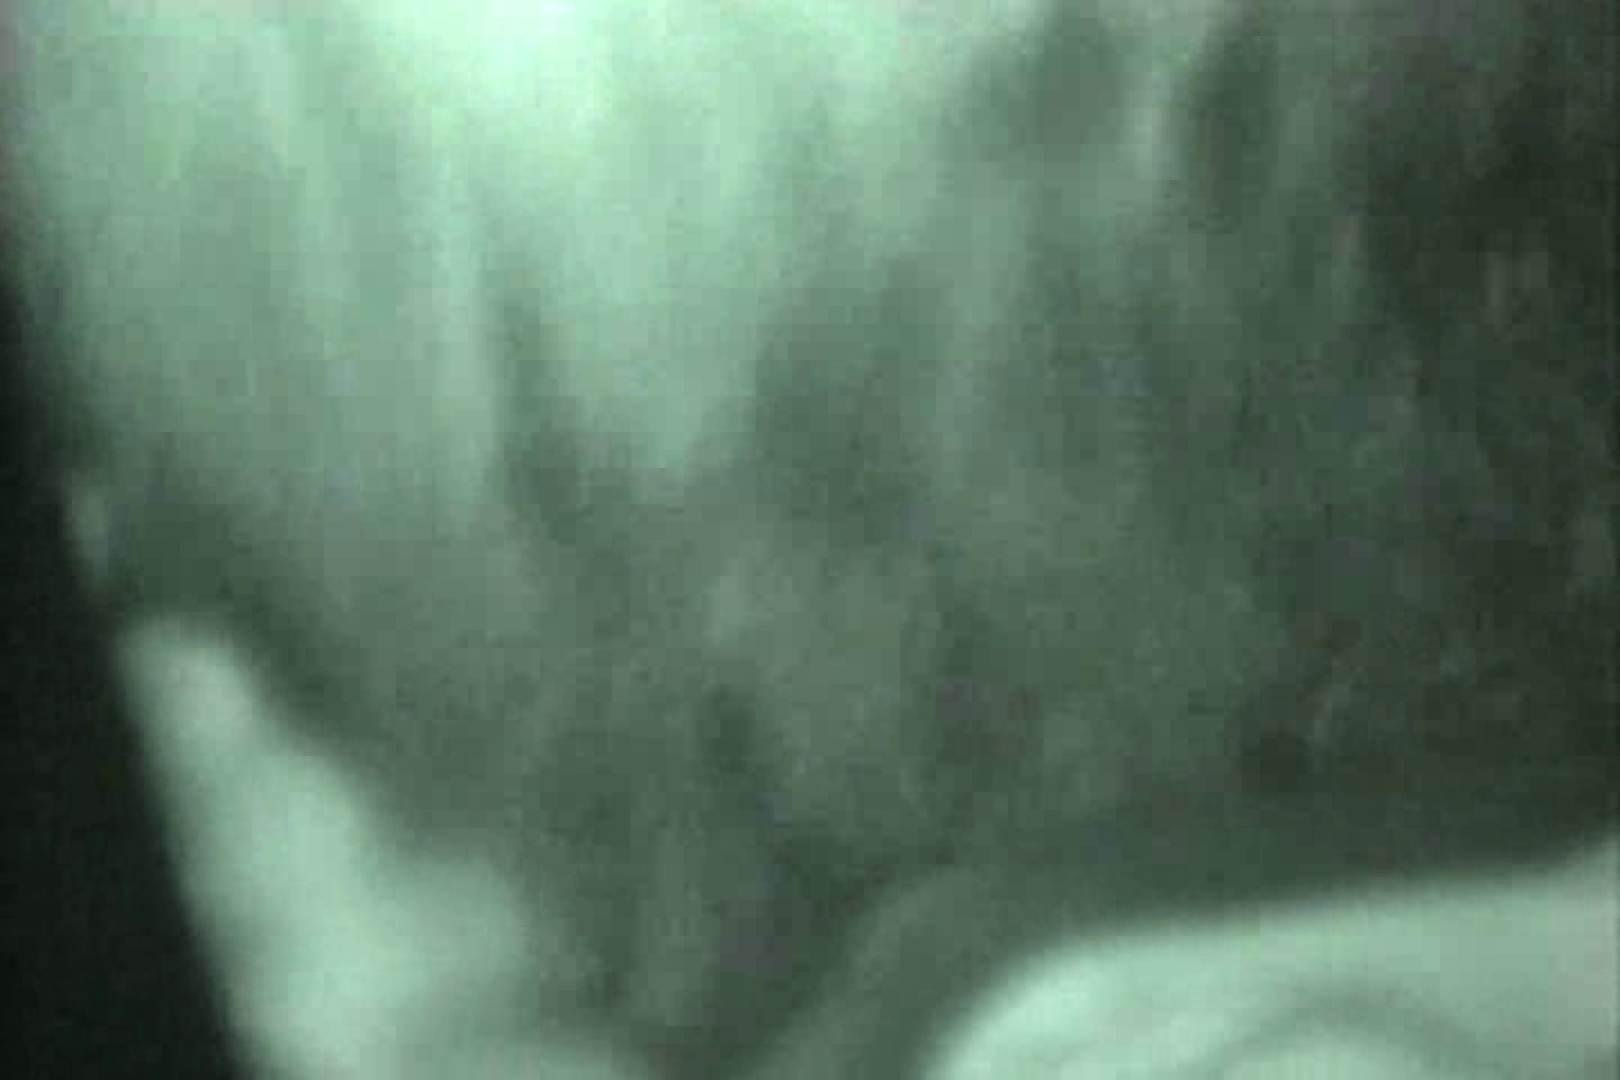 蔵出し!!赤外線カーセックスVol.4 クンニ アダルト動画キャプチャ 33pic 26